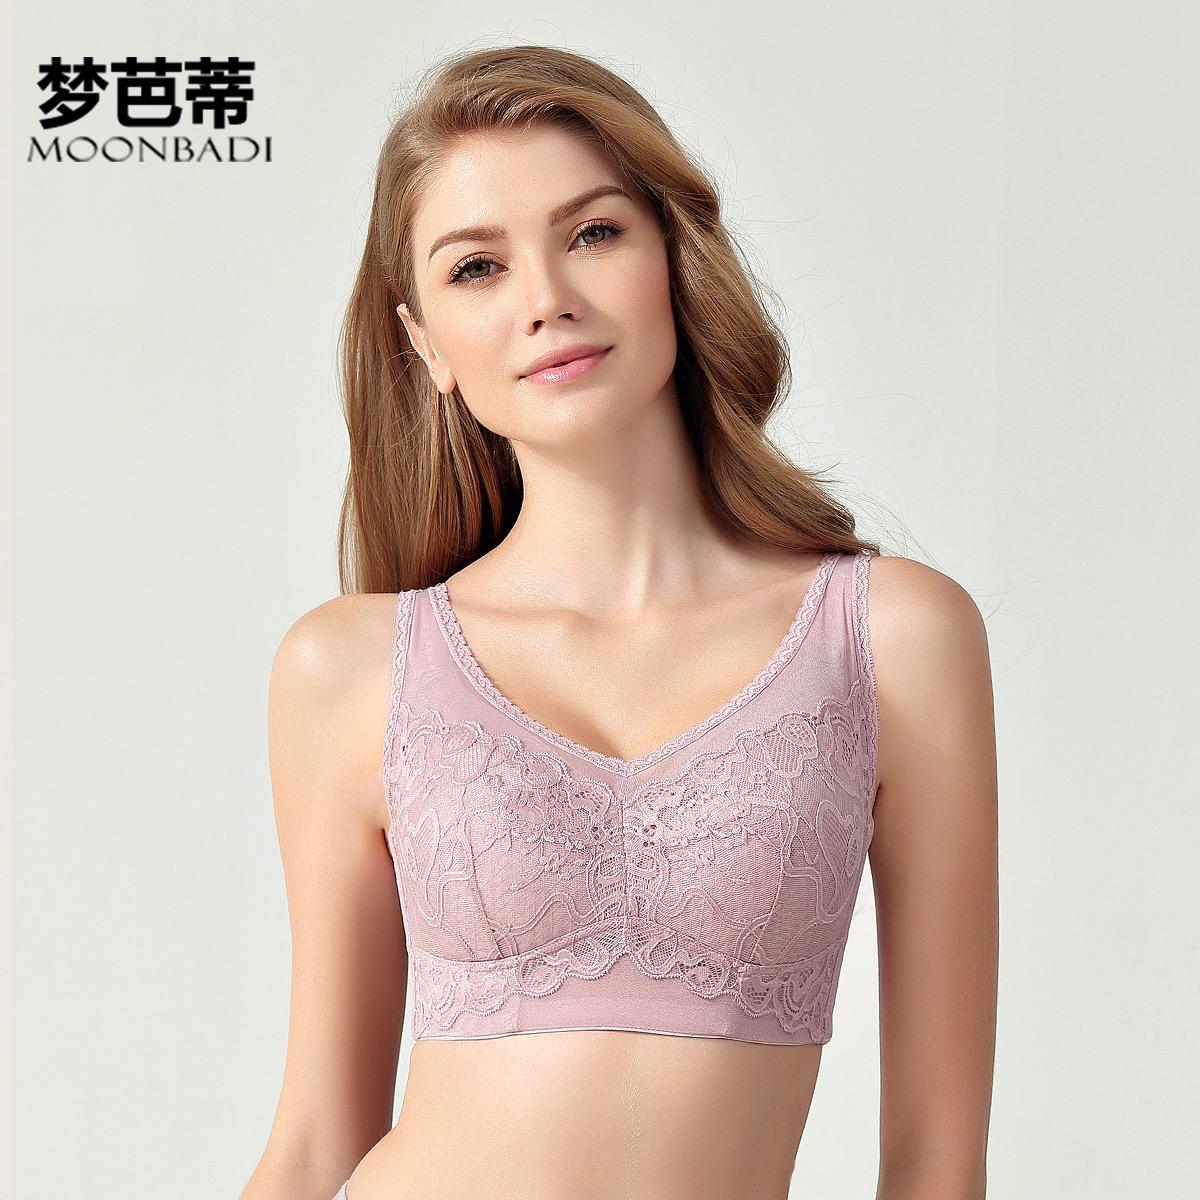 Dream Barty đồ lót nữ thoải mái phần mỏng đầy đủ áo ngực không vành bra lớn nhỏ thoáng khí tươi phần mỏng áo ngực - Áo ngực không dây